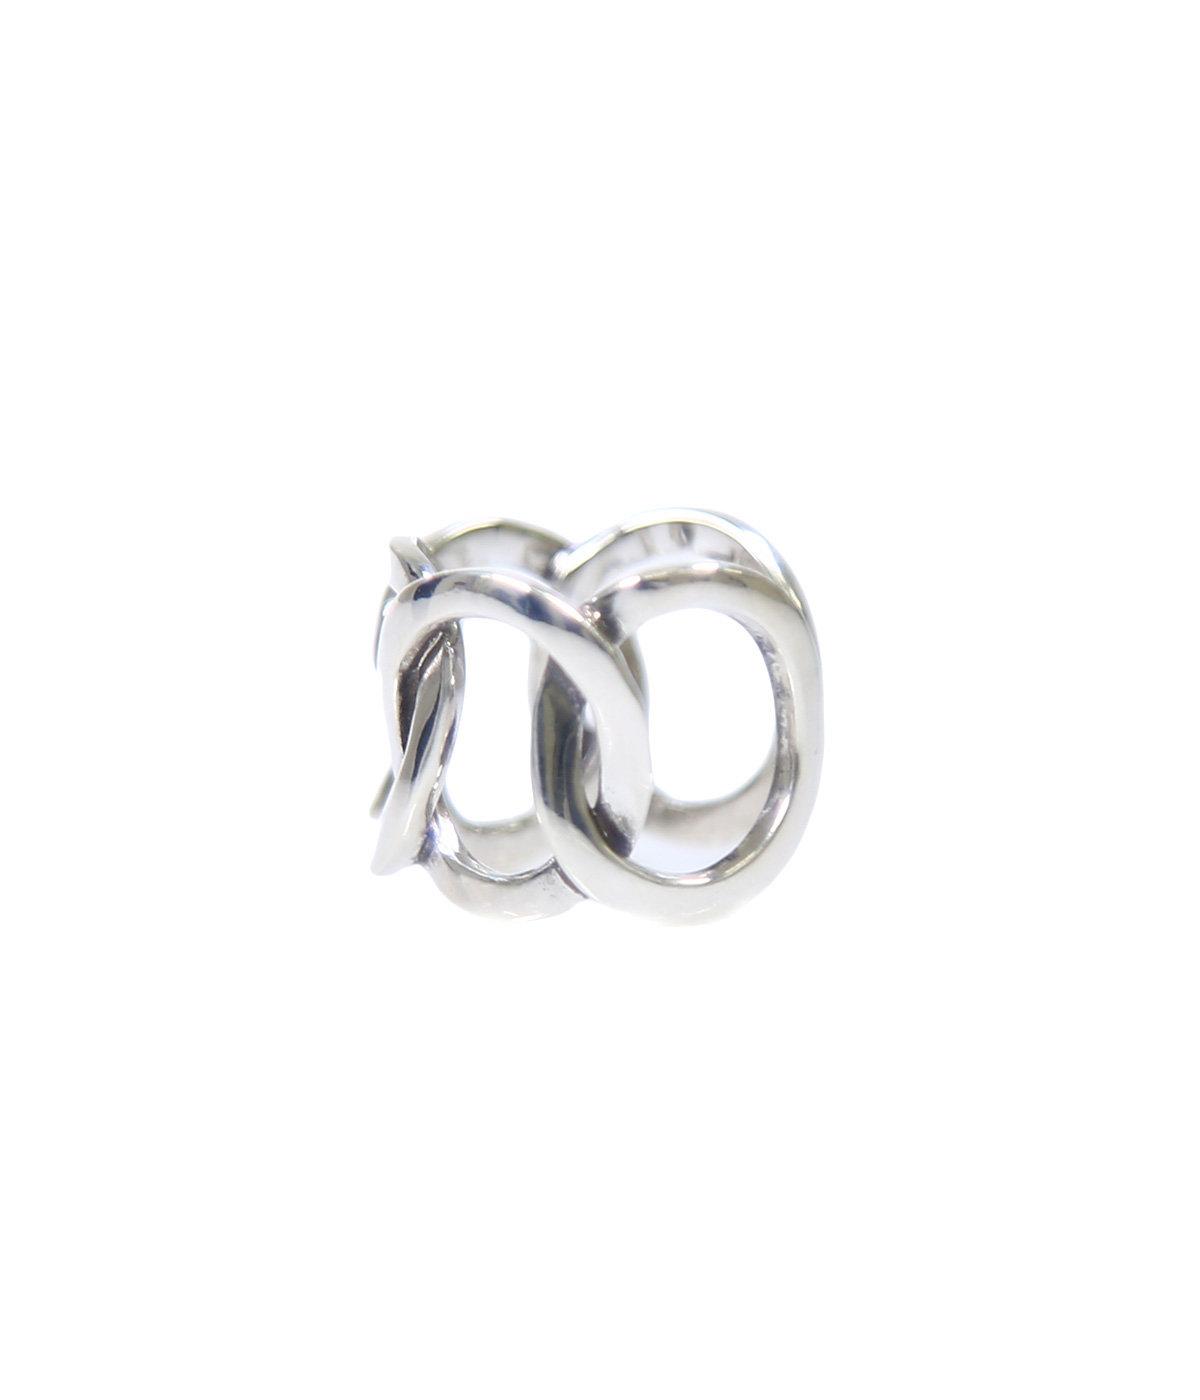 【レディース】Columbus ring(silver color)